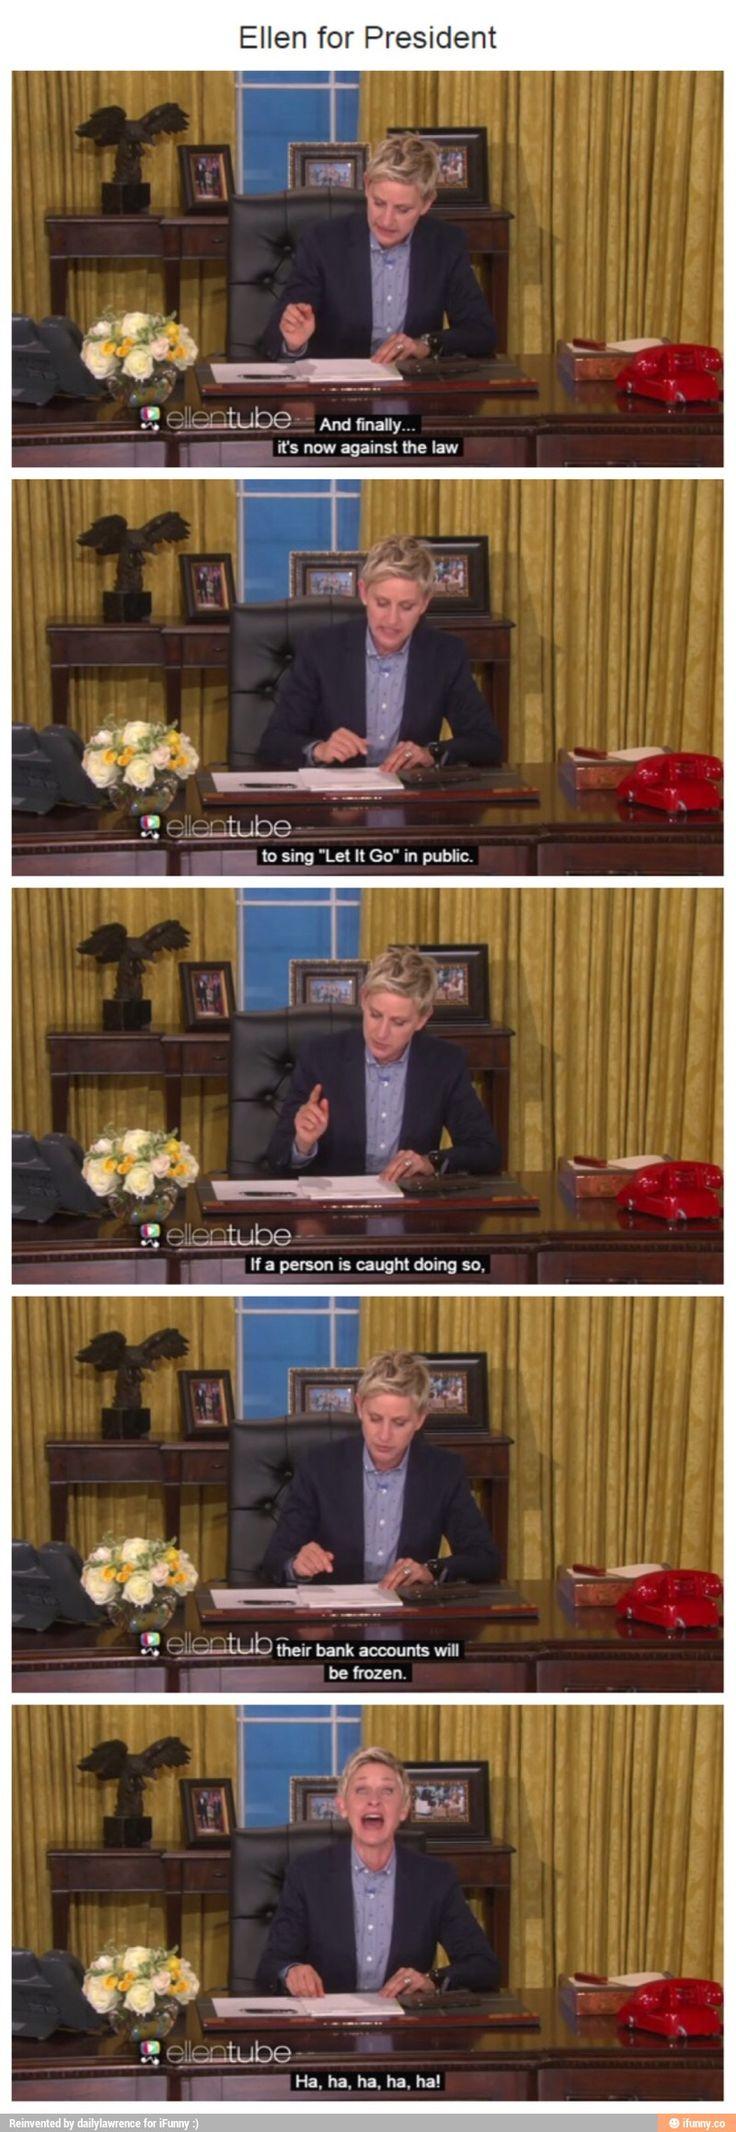 Who else loves/likes Ellen degenourous